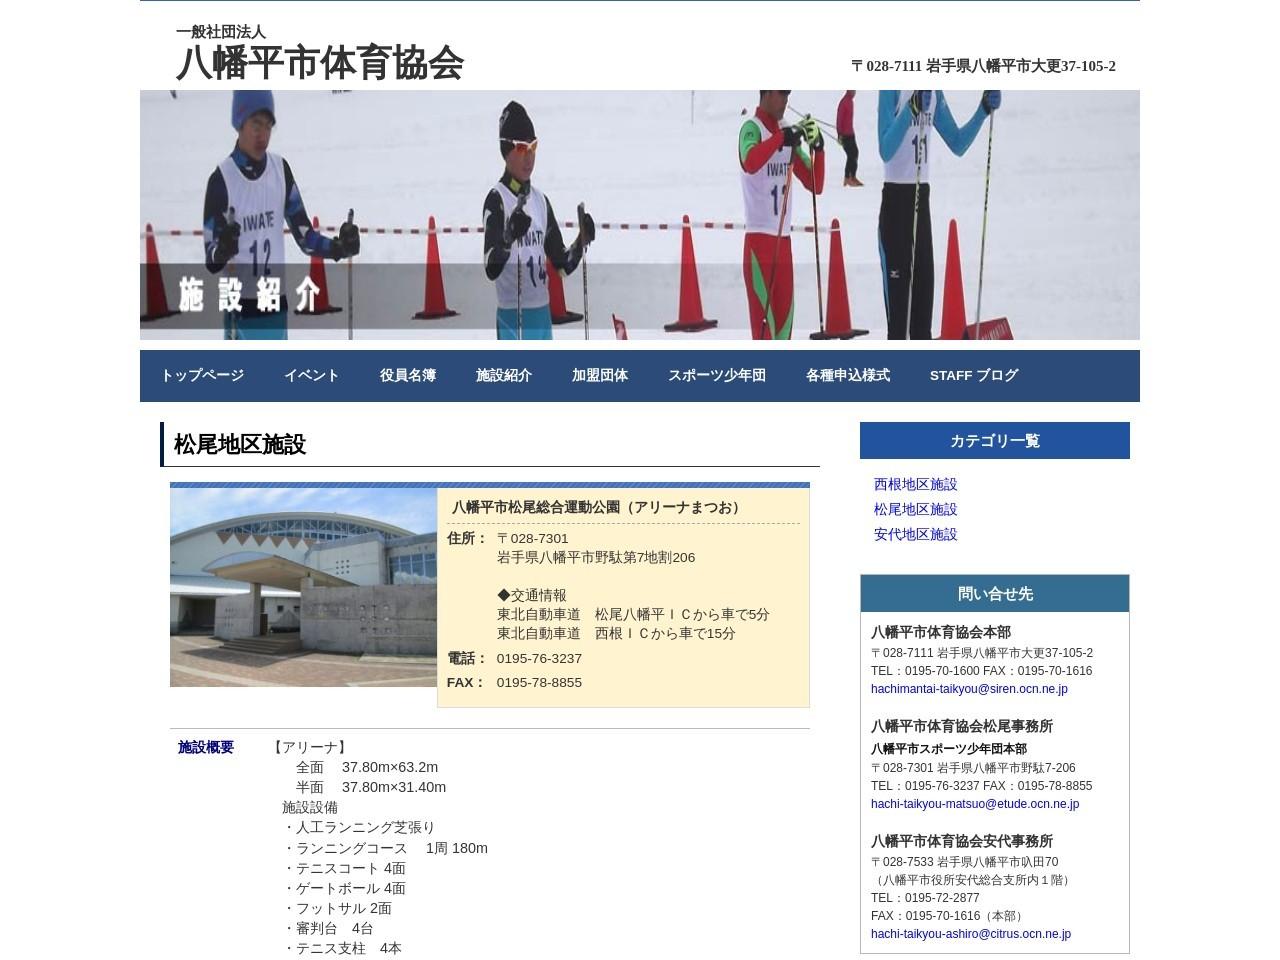 八幡平市松尾総合運動公園(アリーナまつお)